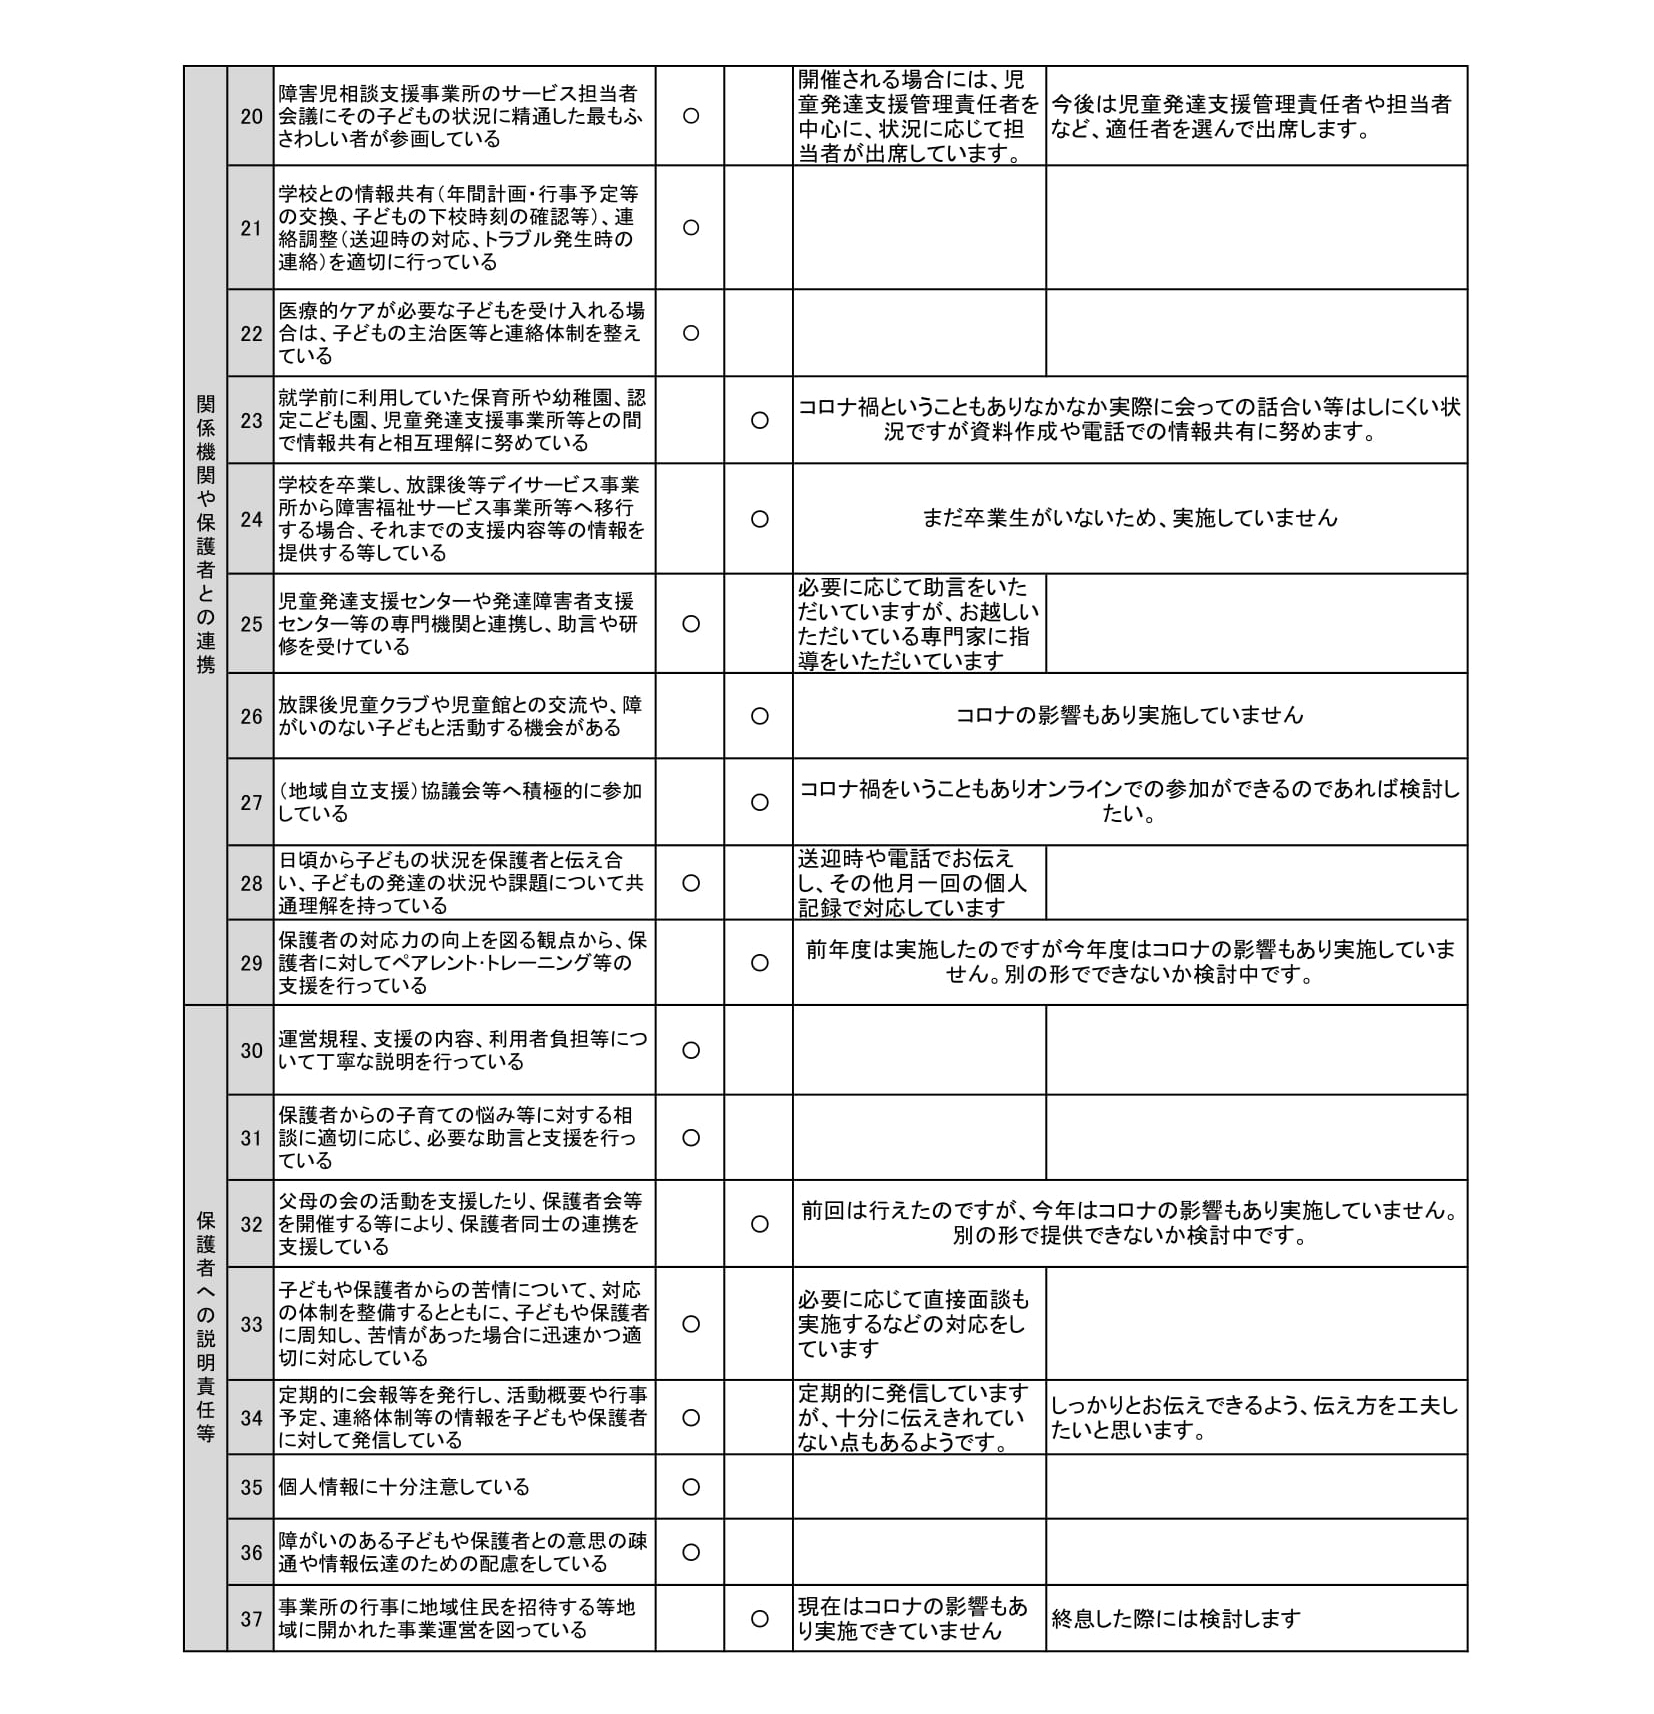 【放課後等デイサービス】事業所における自己評価結果(sorauta.)-2